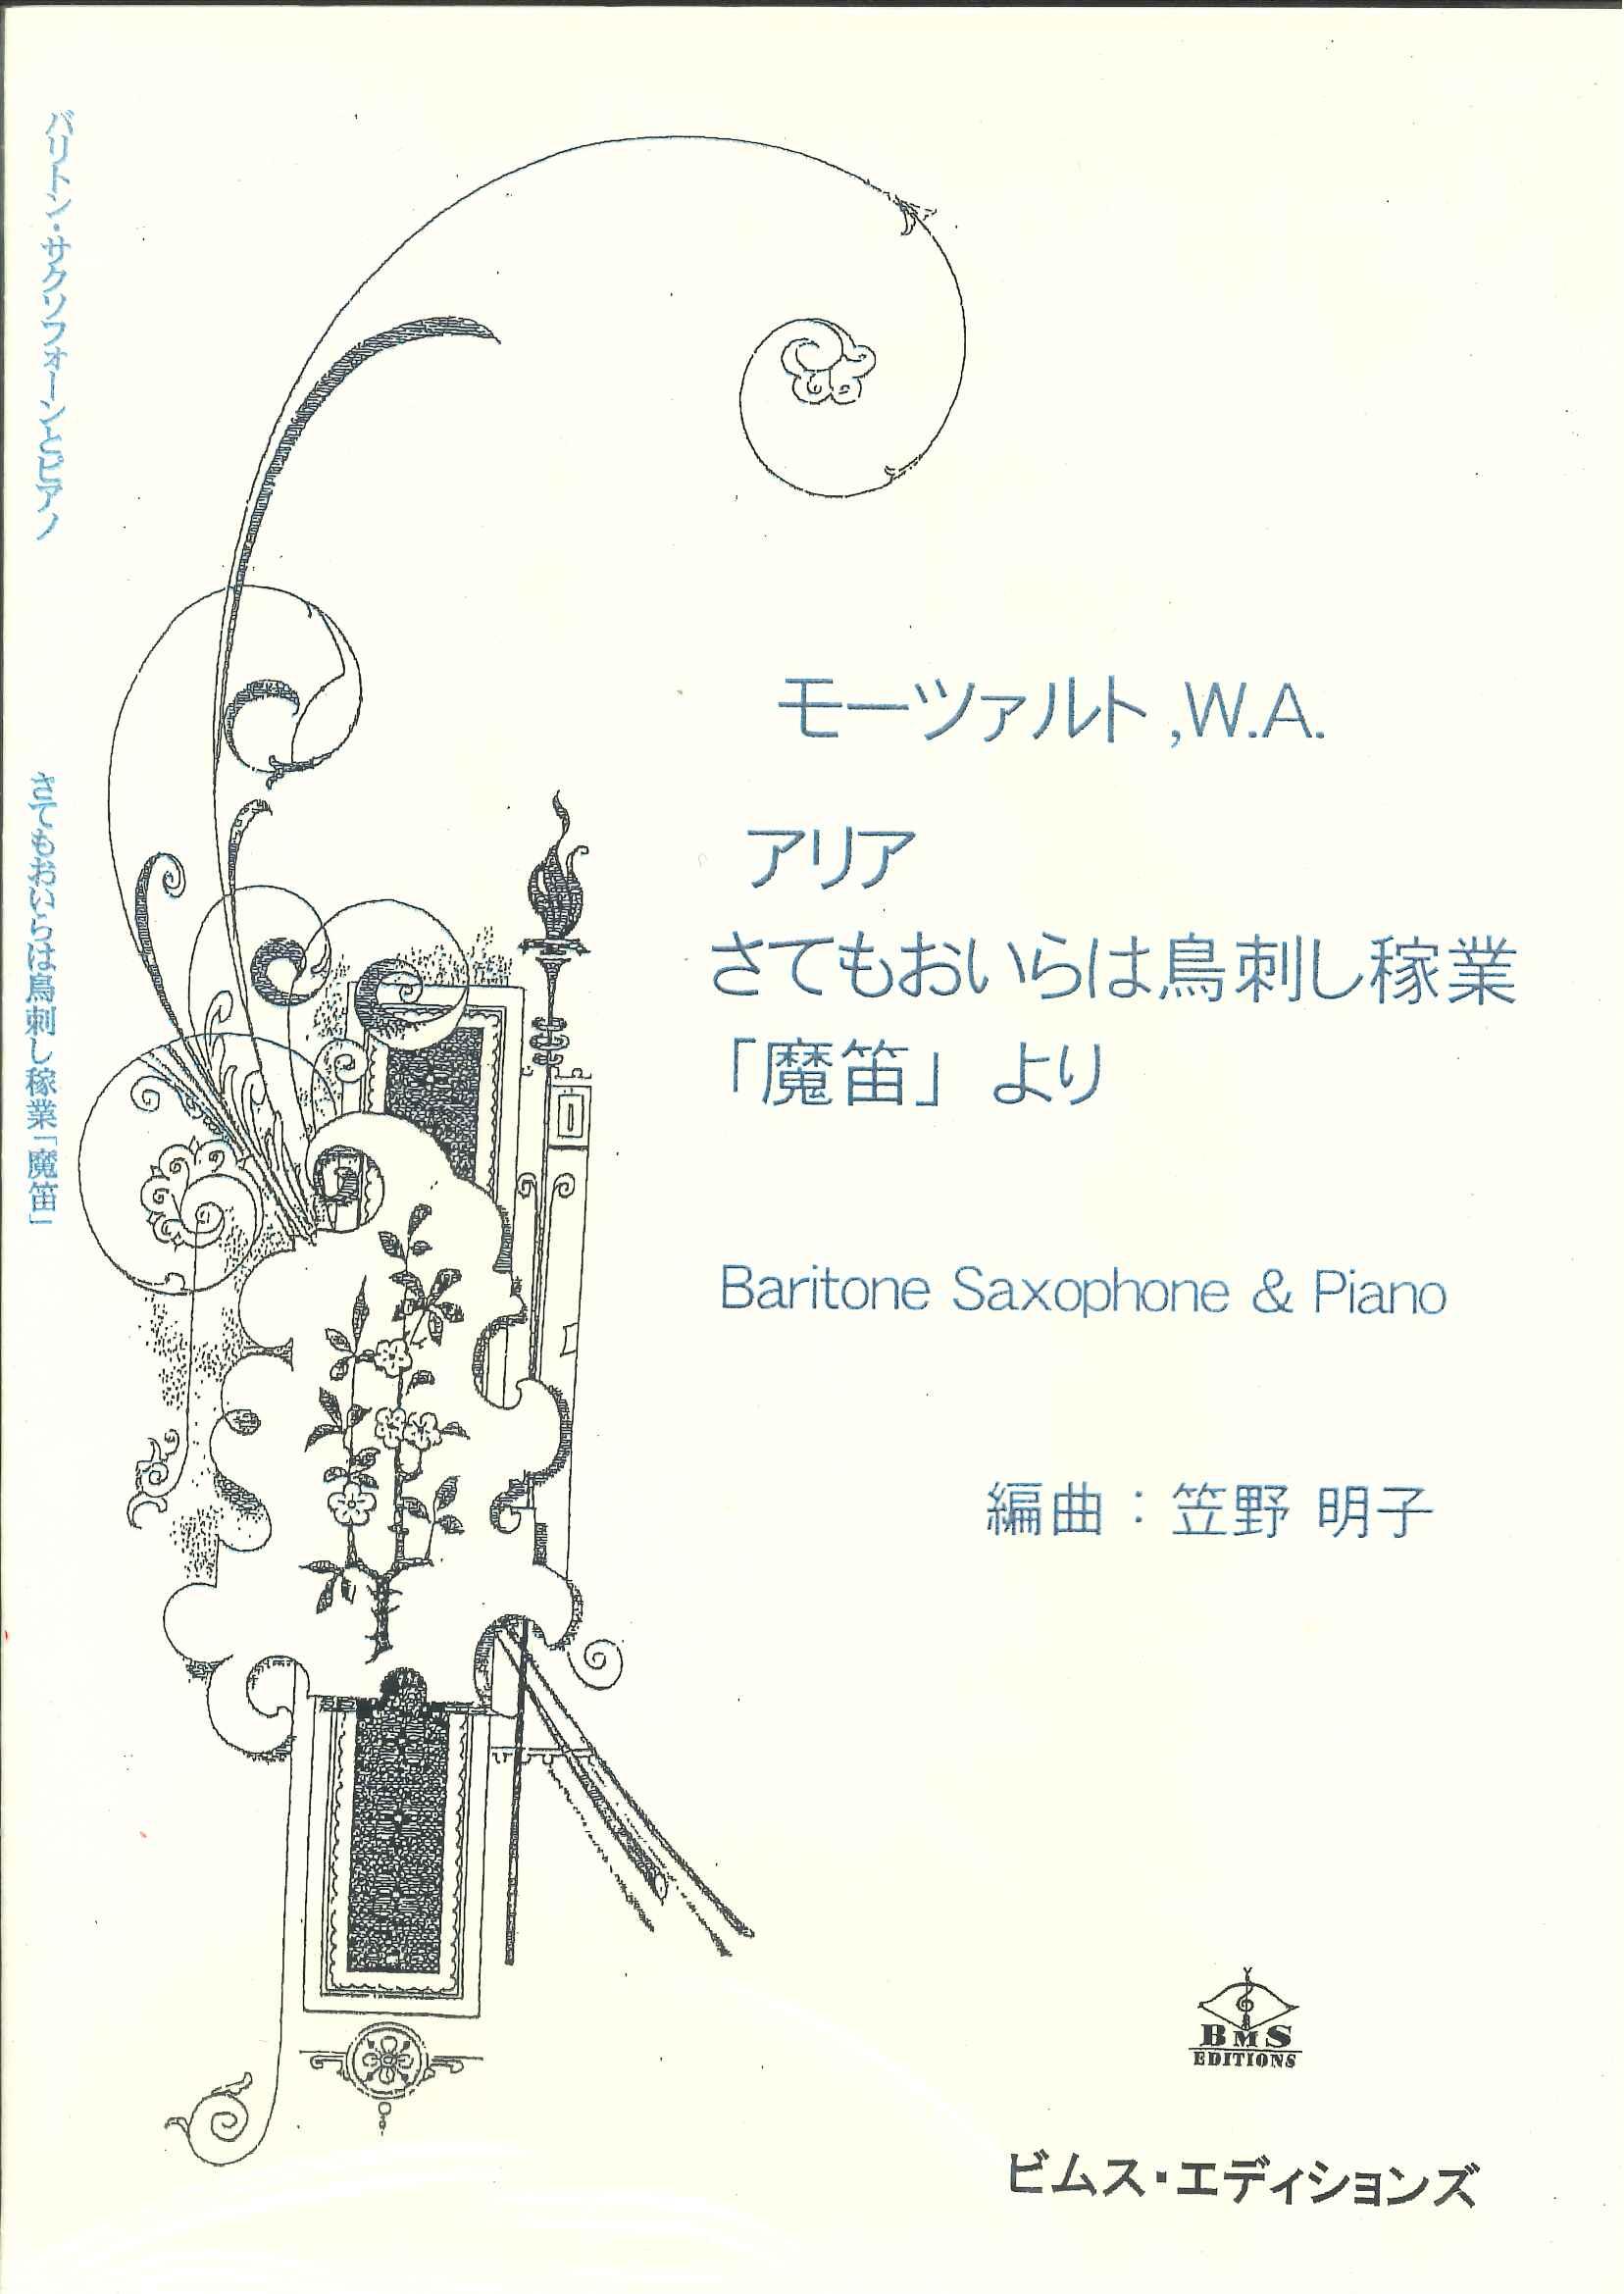 バリトン・サクソフォーンソロ譜 さてもおいらは鳥刺し稼業「魔笛」